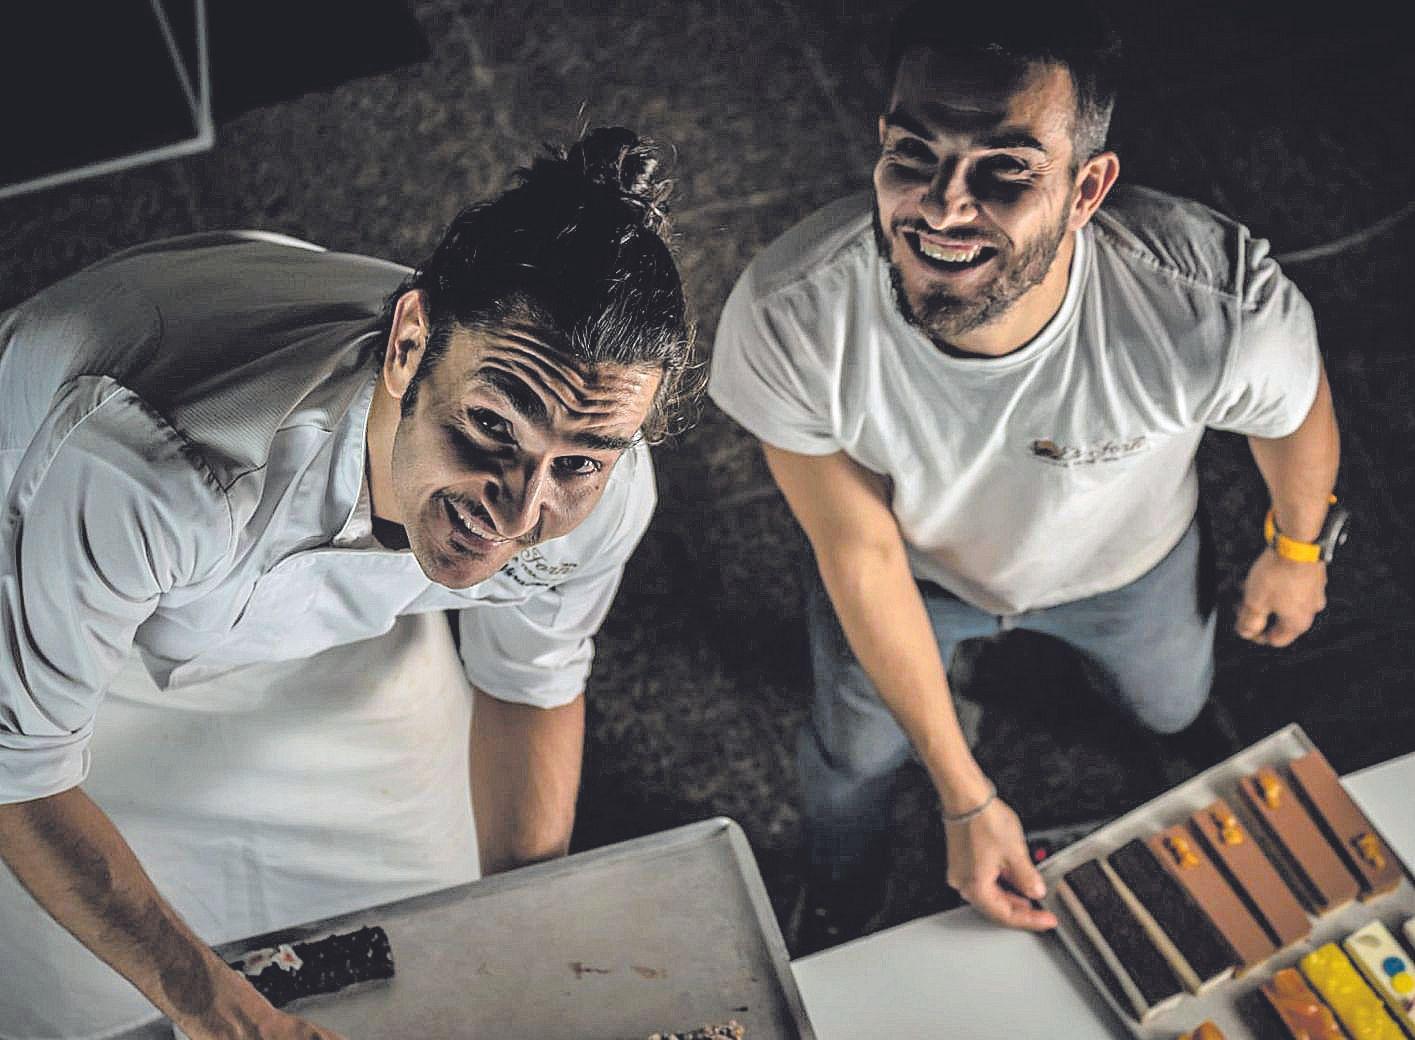 Maties y Jaume Miralles posan con una bandeja de pasteles en Es Forn del Pla de na Tesa.